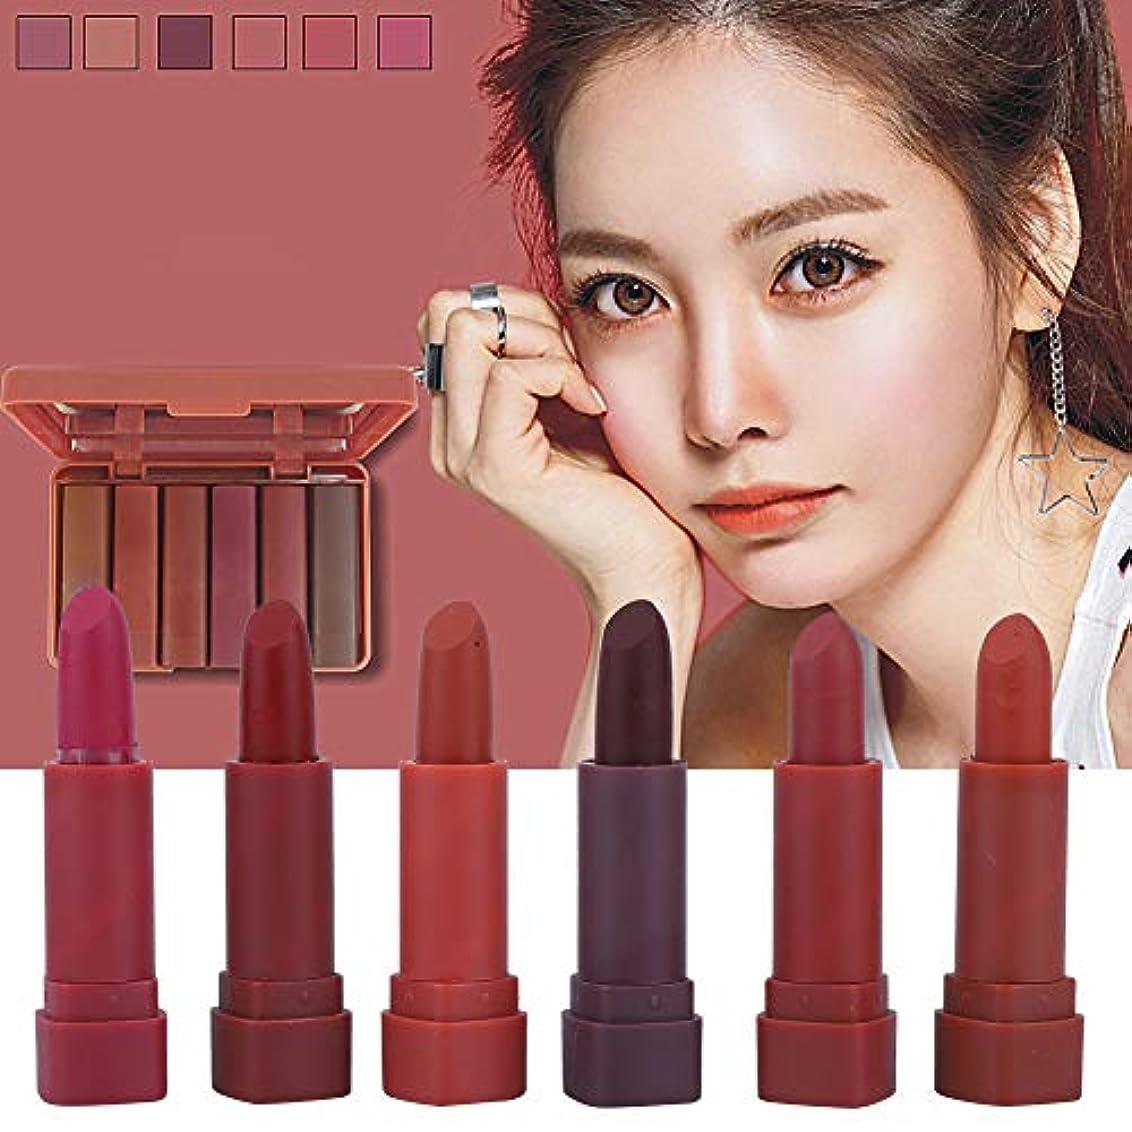 王位あらゆる種類の知る6色/セット リップスティック長続きがする自然なローズの香りの唇の化粧品